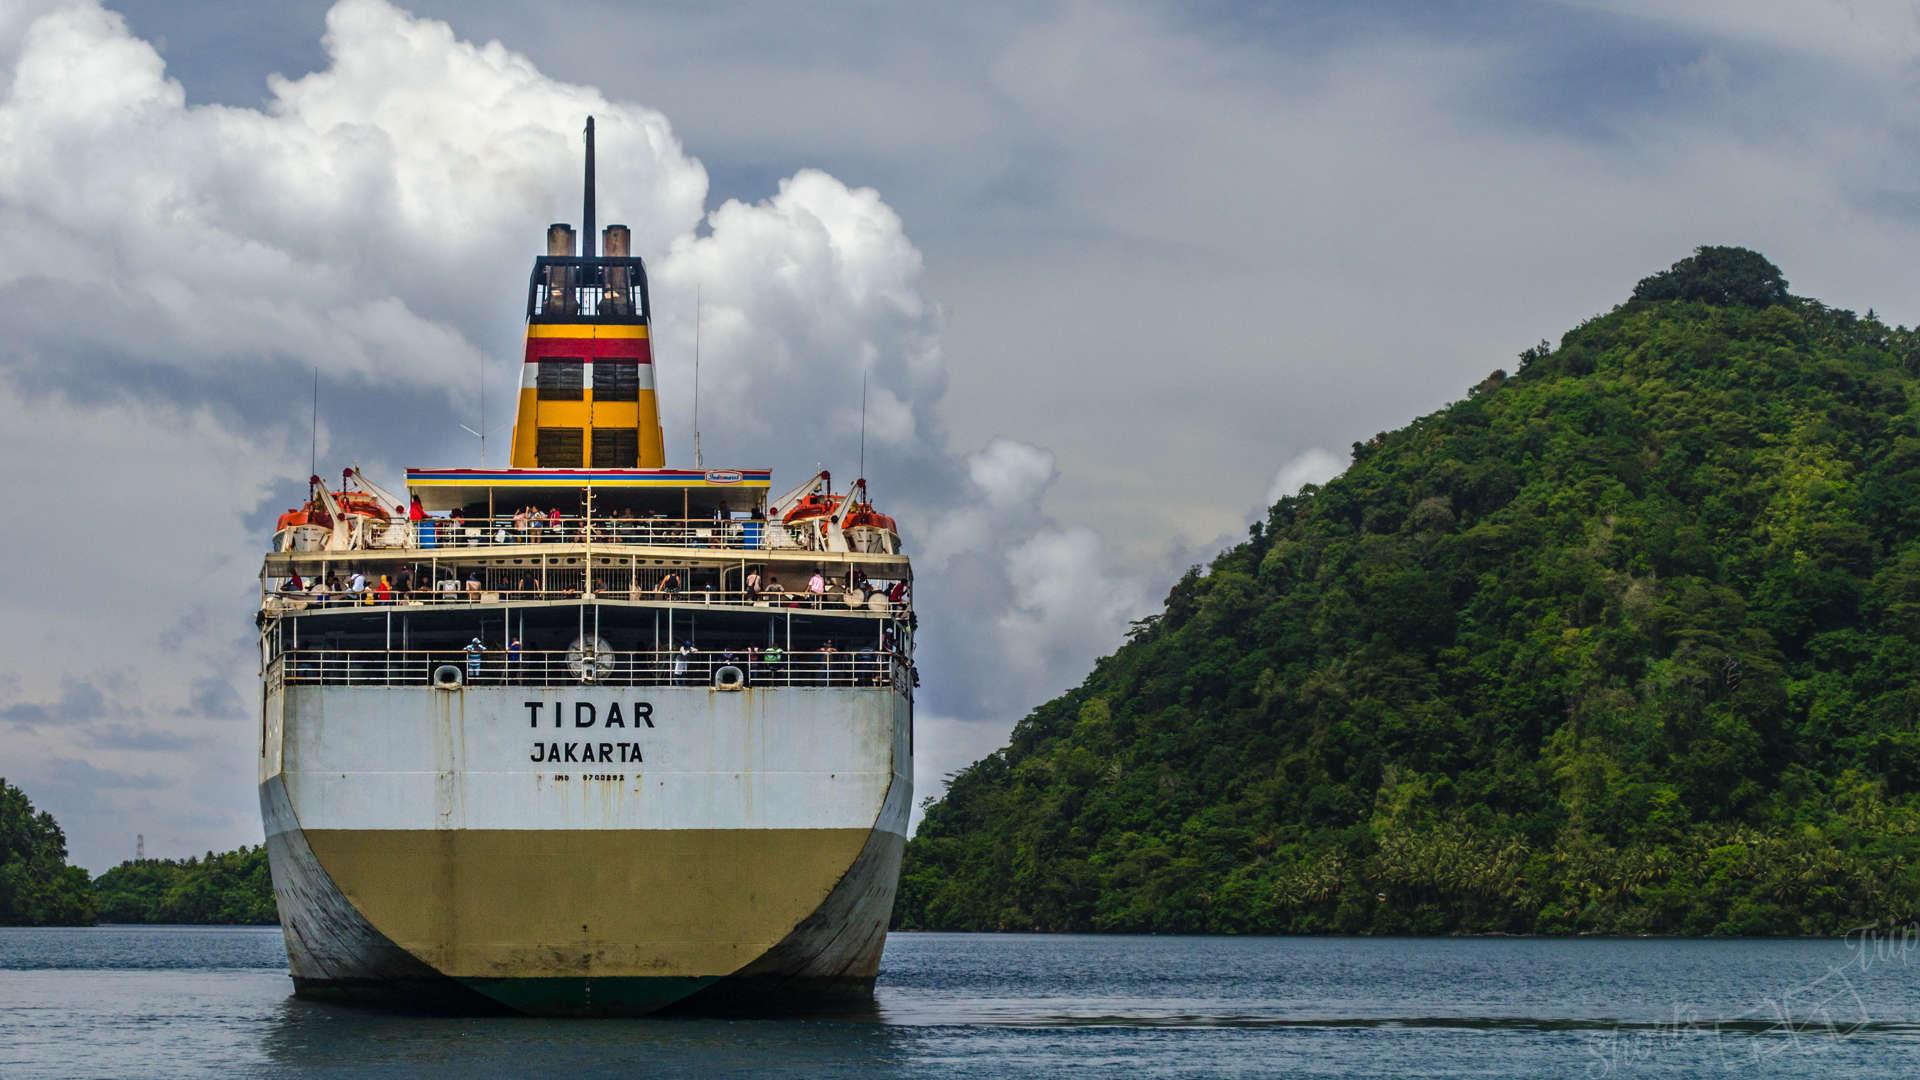 pelni tidar, pelni ship, pelni experience, pelni travel, pelni backpacking, pelni indonesia, traveling by pelni